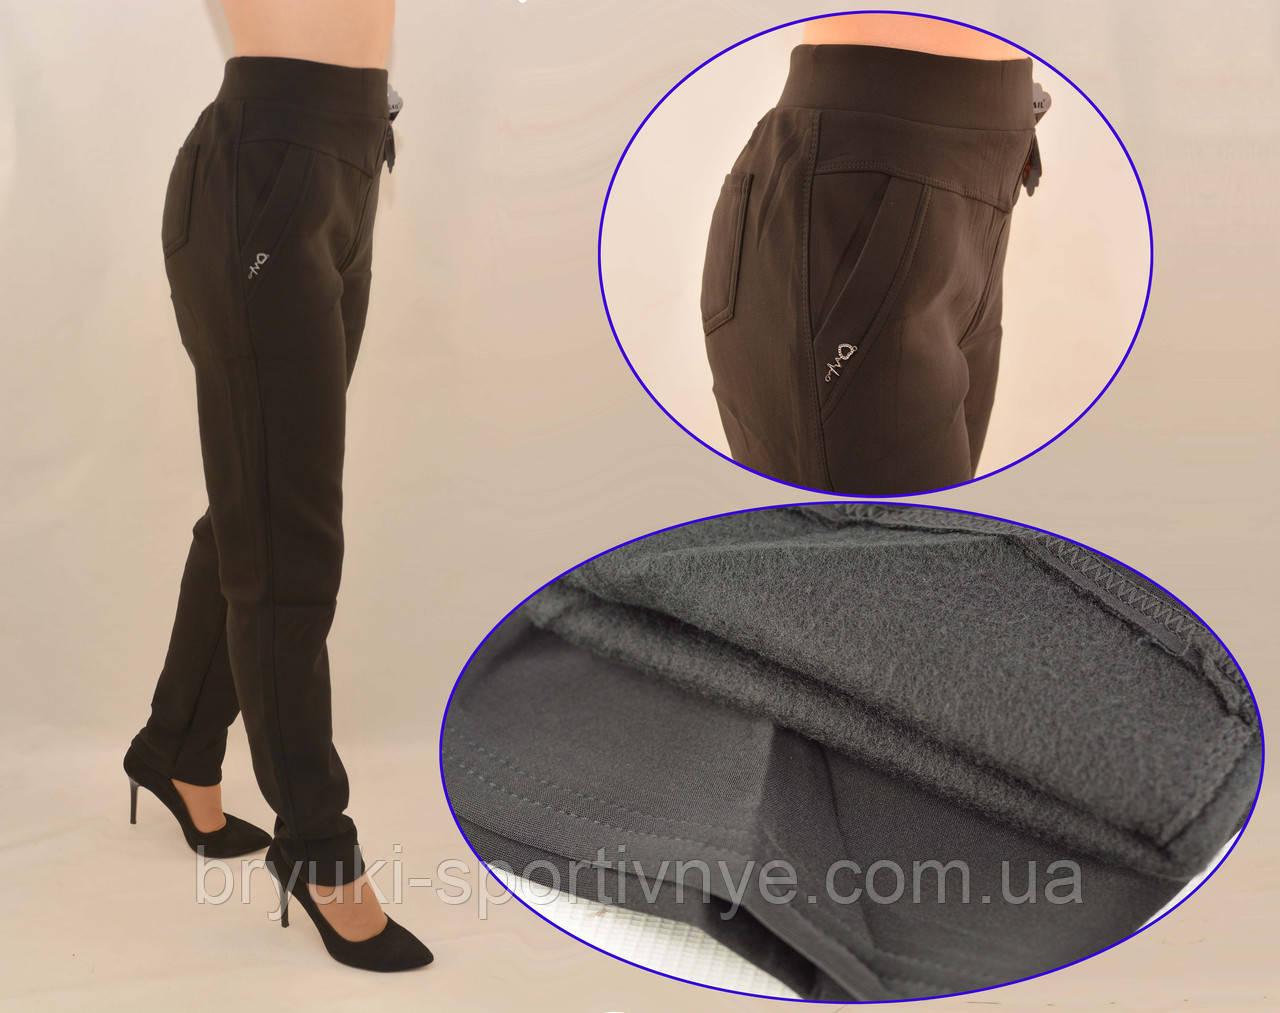 Брюки женские на флисе в больших размерах 5XL - 7XL Лосины зимние с карманами в черном цвете